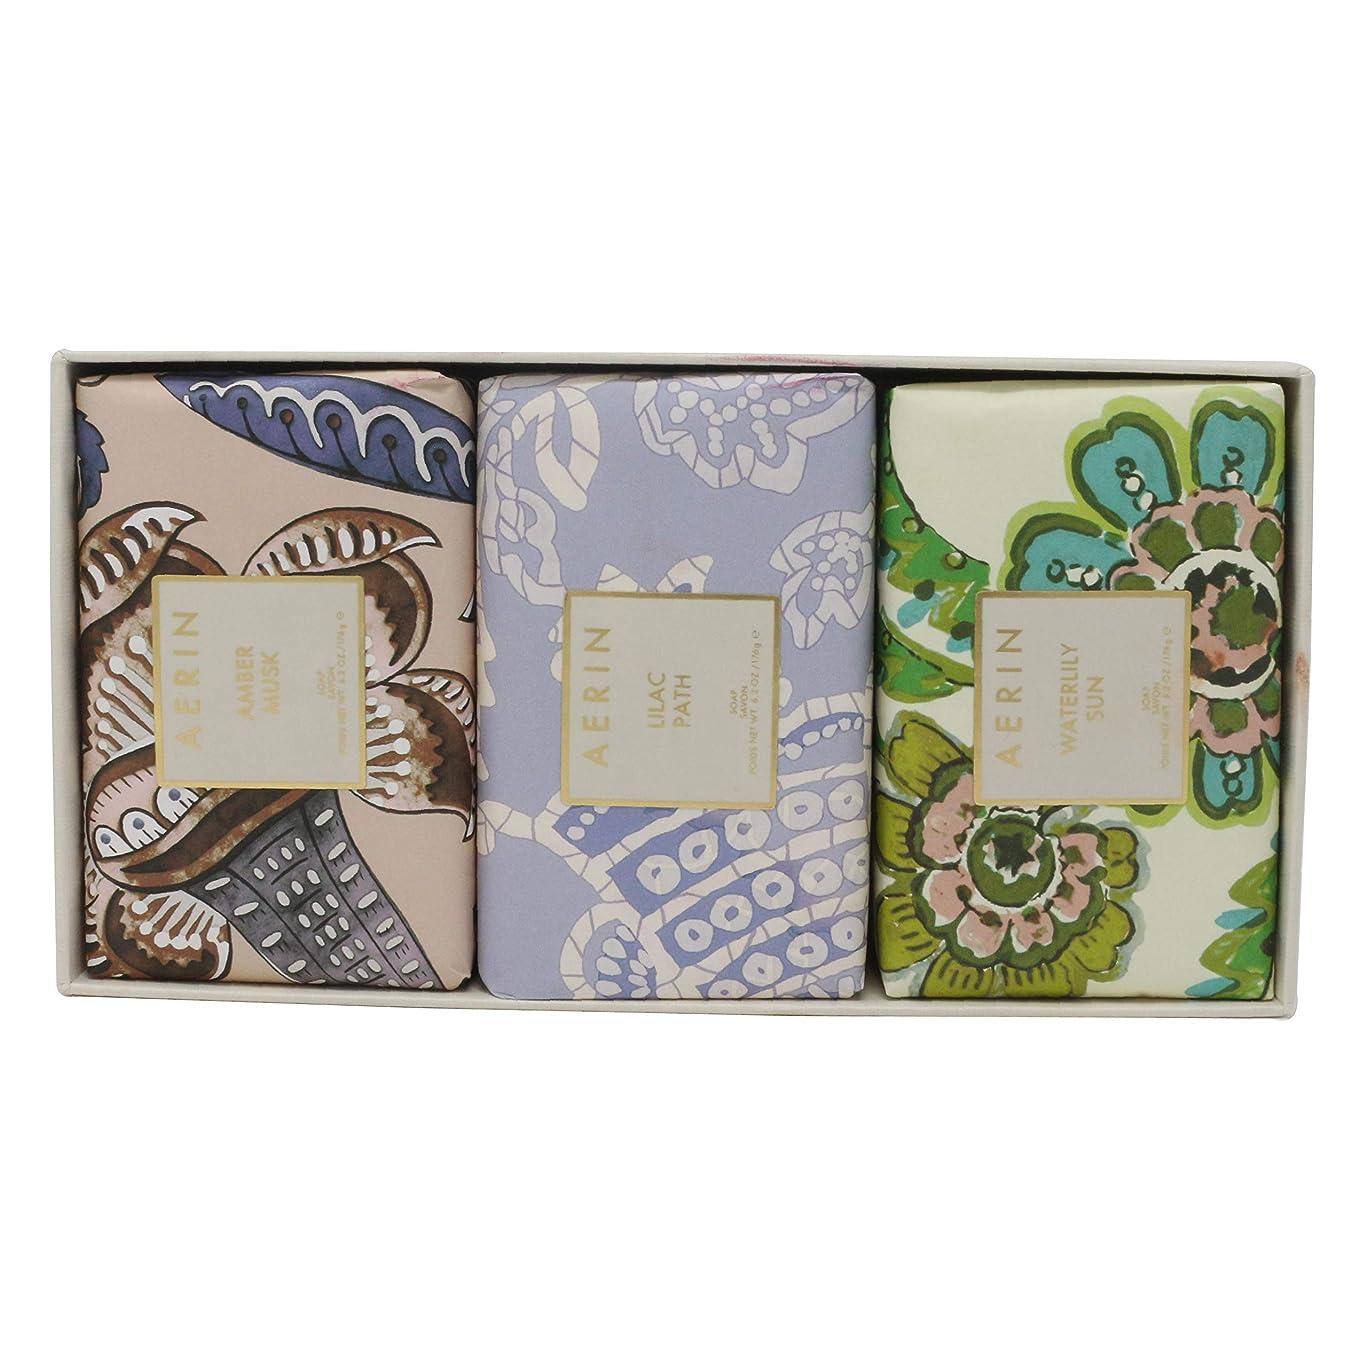 お酒血パワーセルAERIN Beauty Soap Coffret(アエリン ビューティー ソープ コフレット ) 6.2 oz (186ml) Soap 固形石鹸 x 3個セットby Estee Lauder